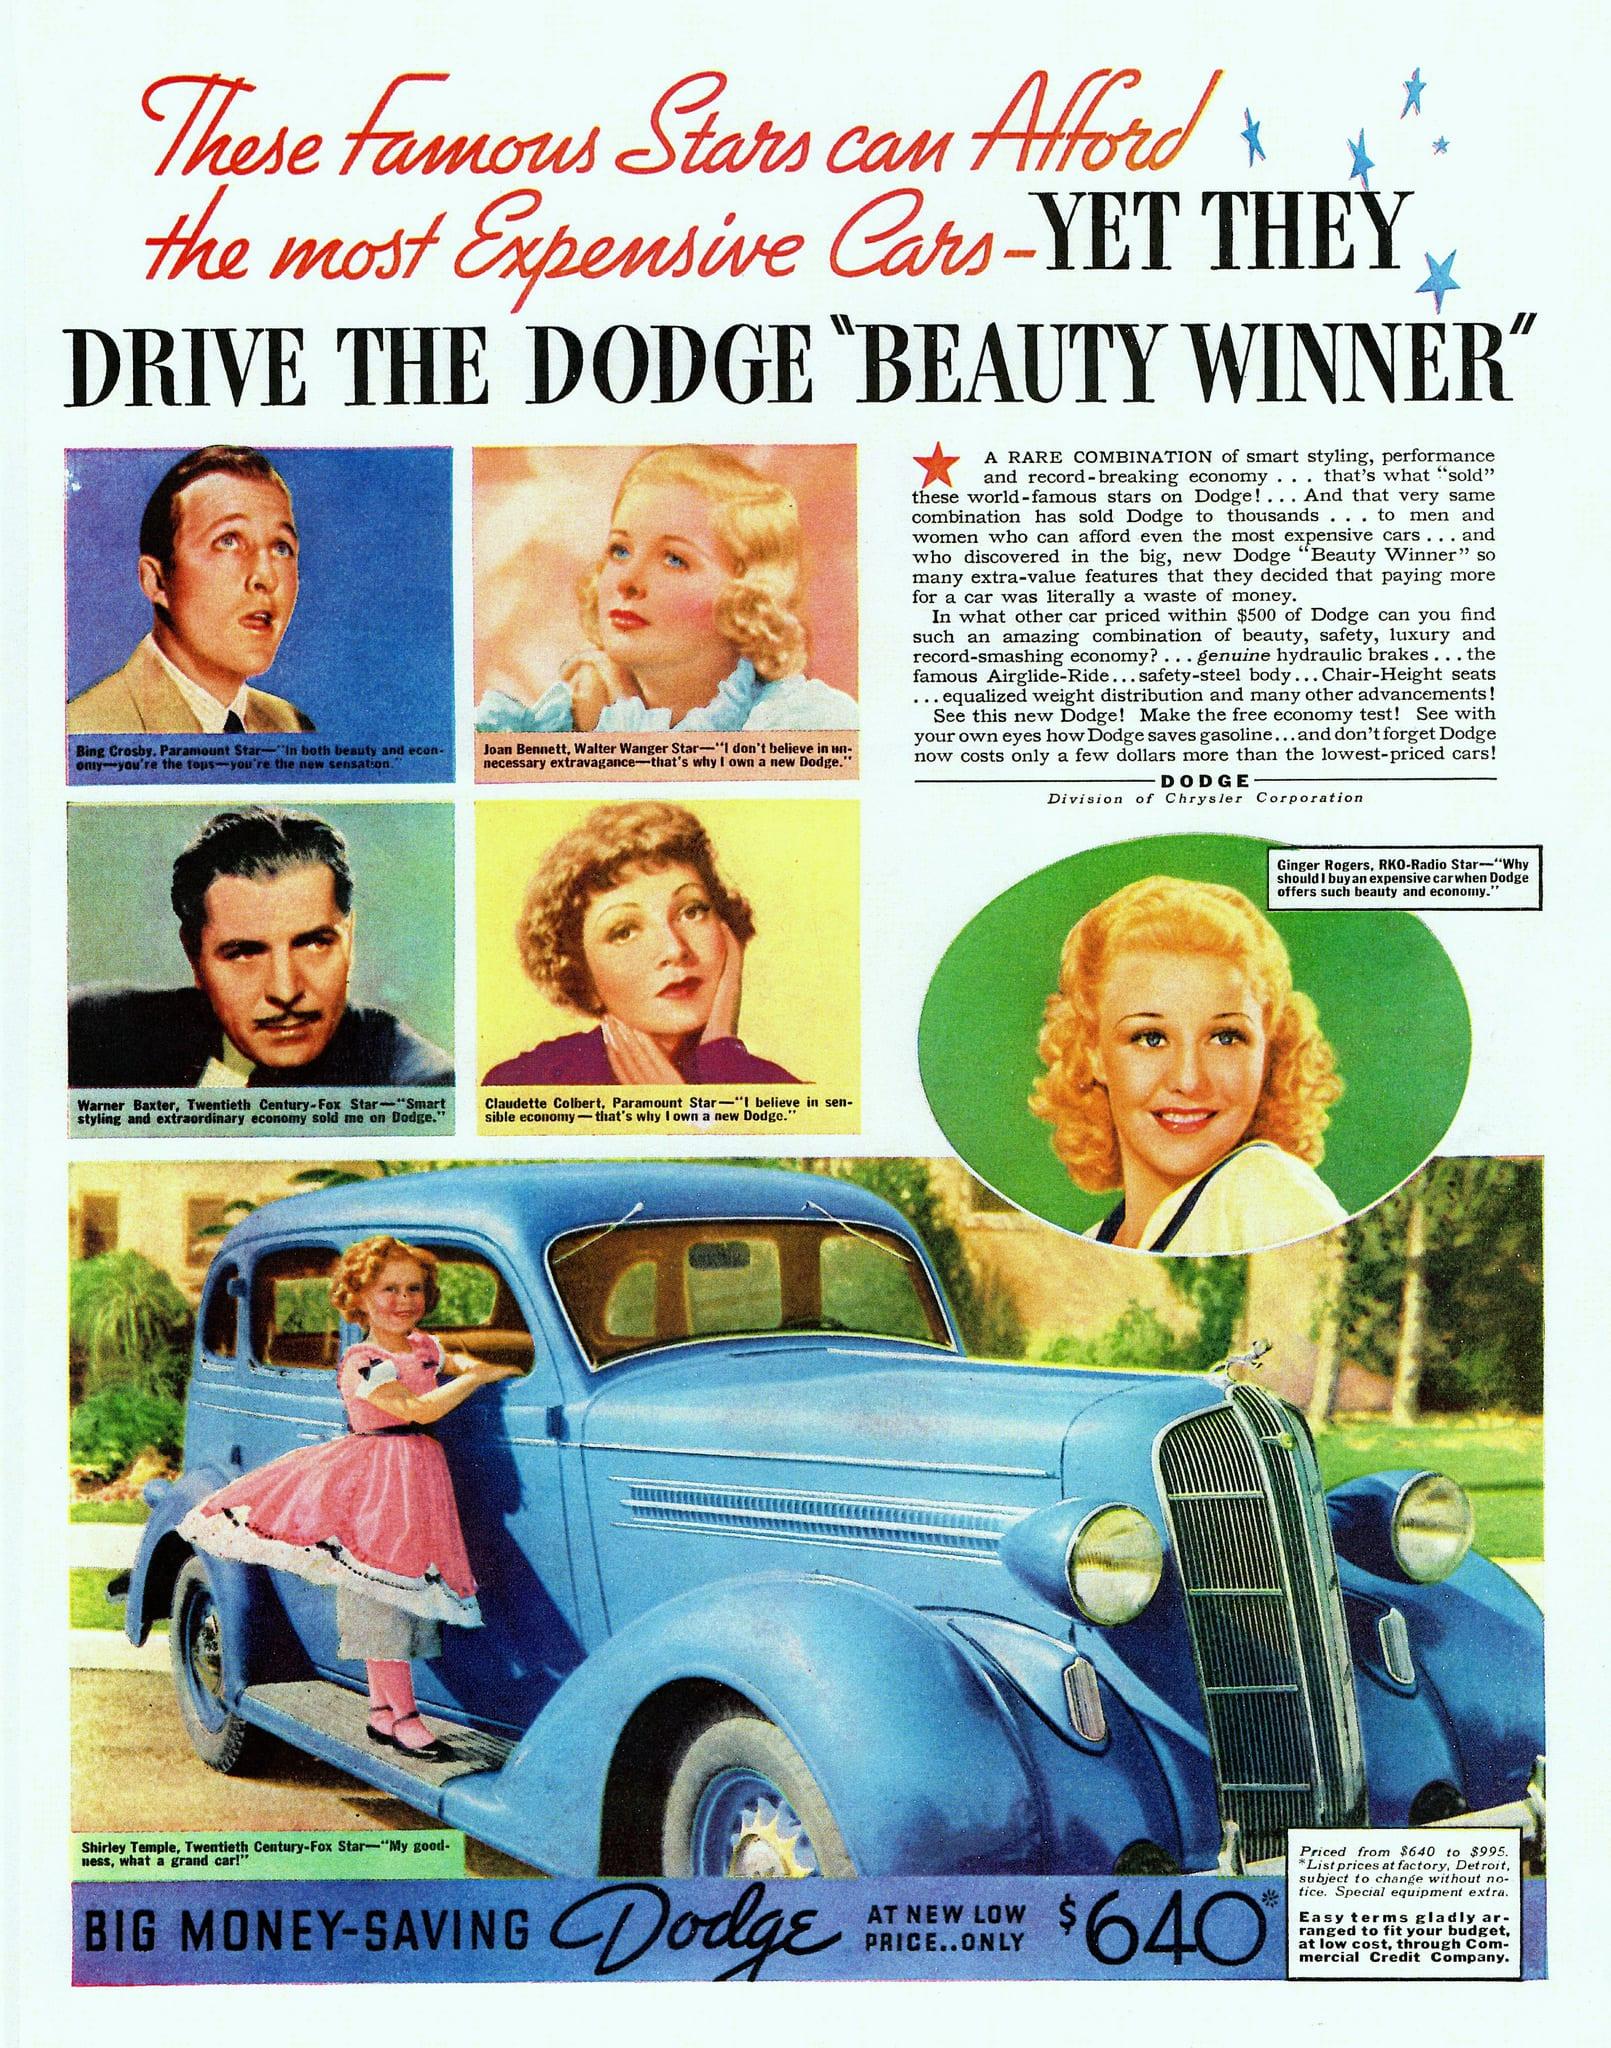 promociones publicitarias de automóviles